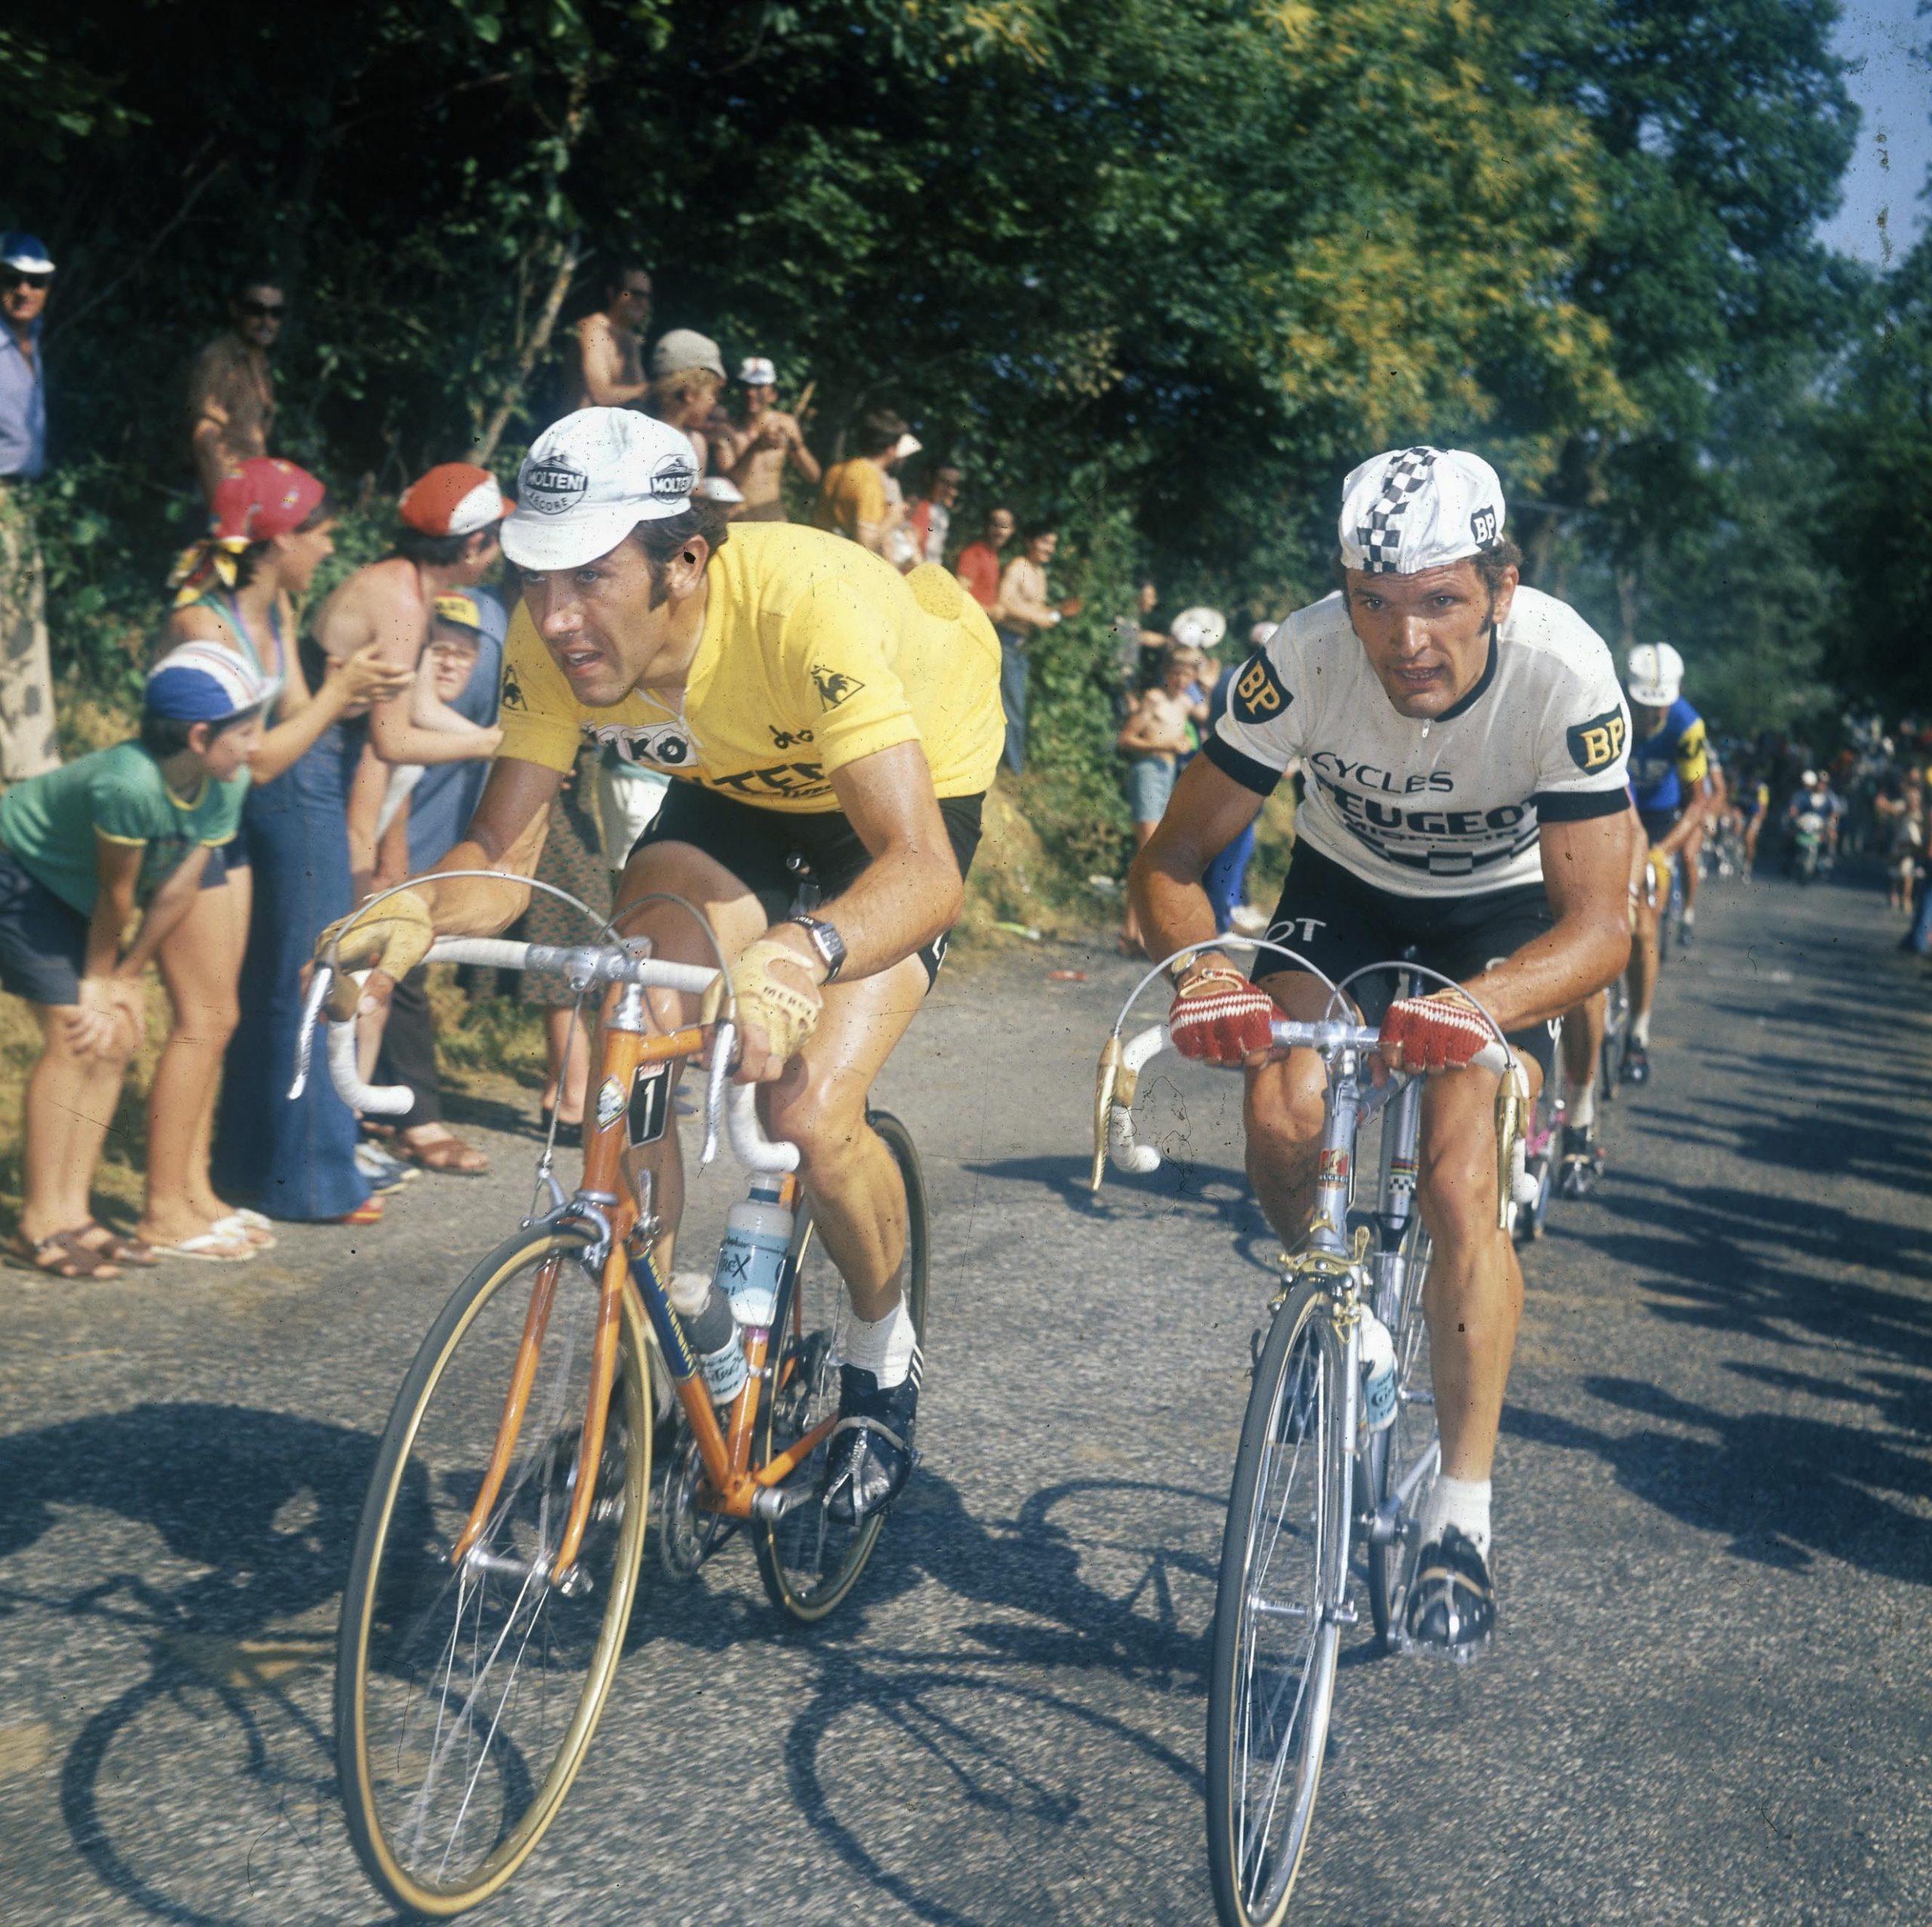 Gårdsgutten som brakte ned Eddy Merckx og endte en æra